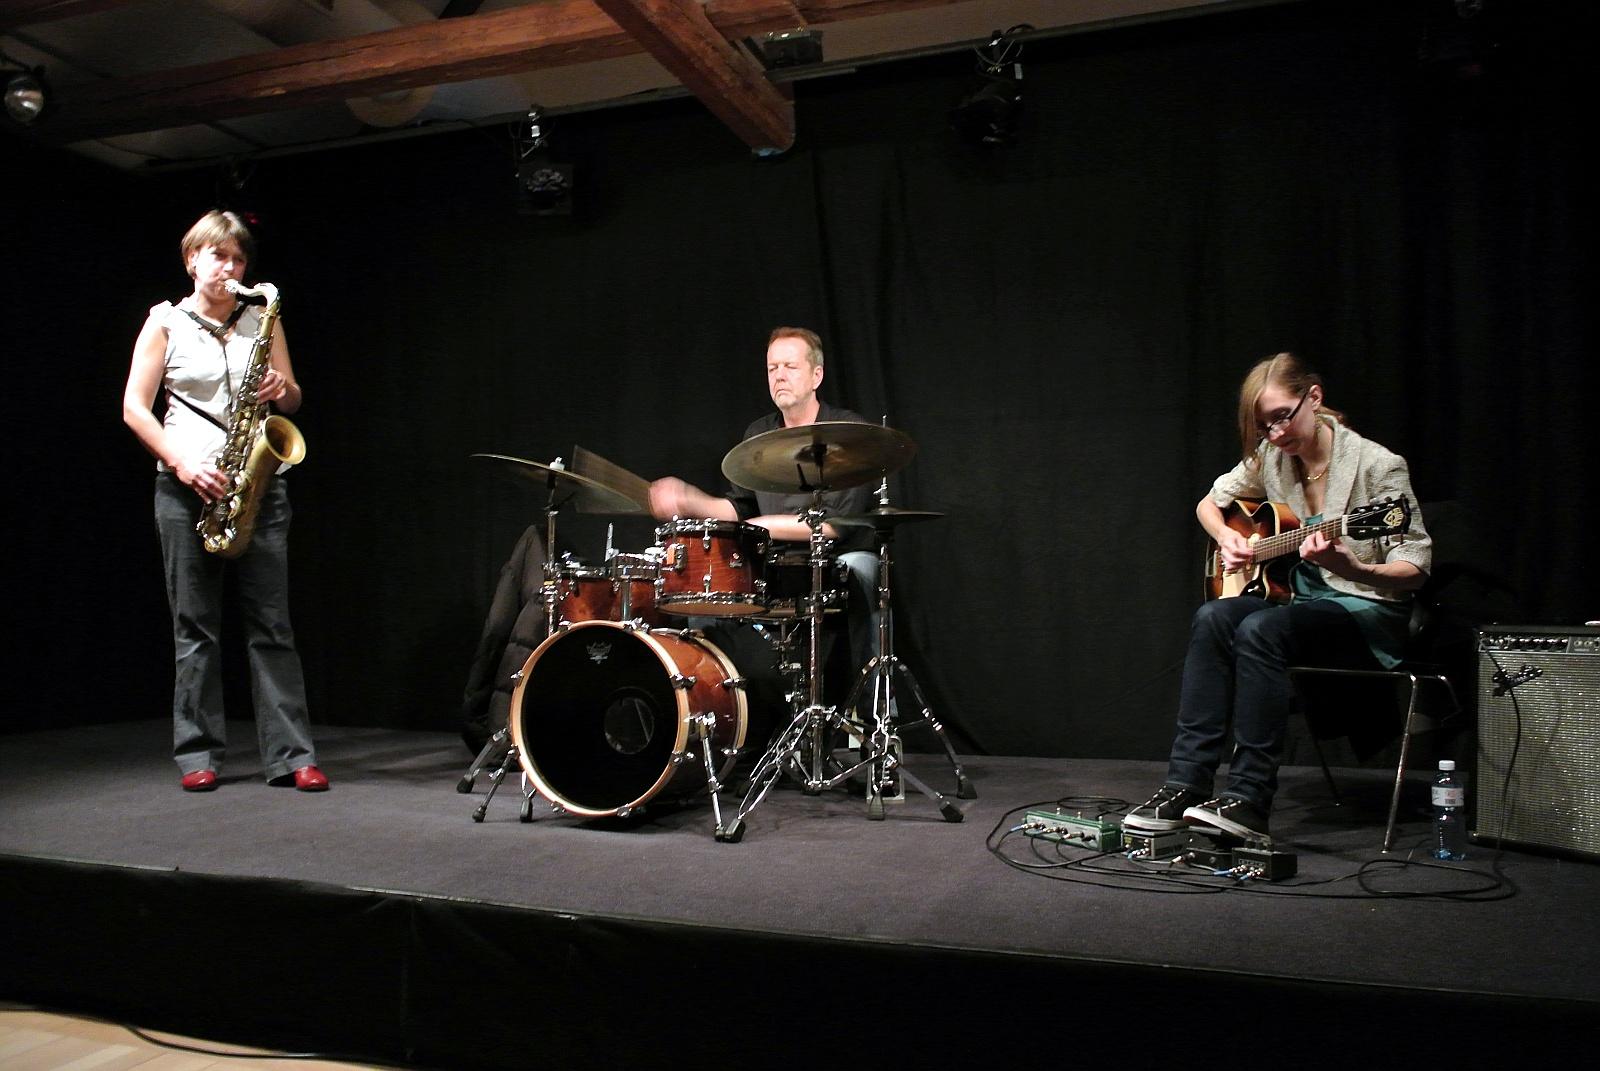 Ingrid Laubrock | Tom Rainey | Mary Halvorson  am 19.10.2012 (Obere Mühle) © Thomas Müller